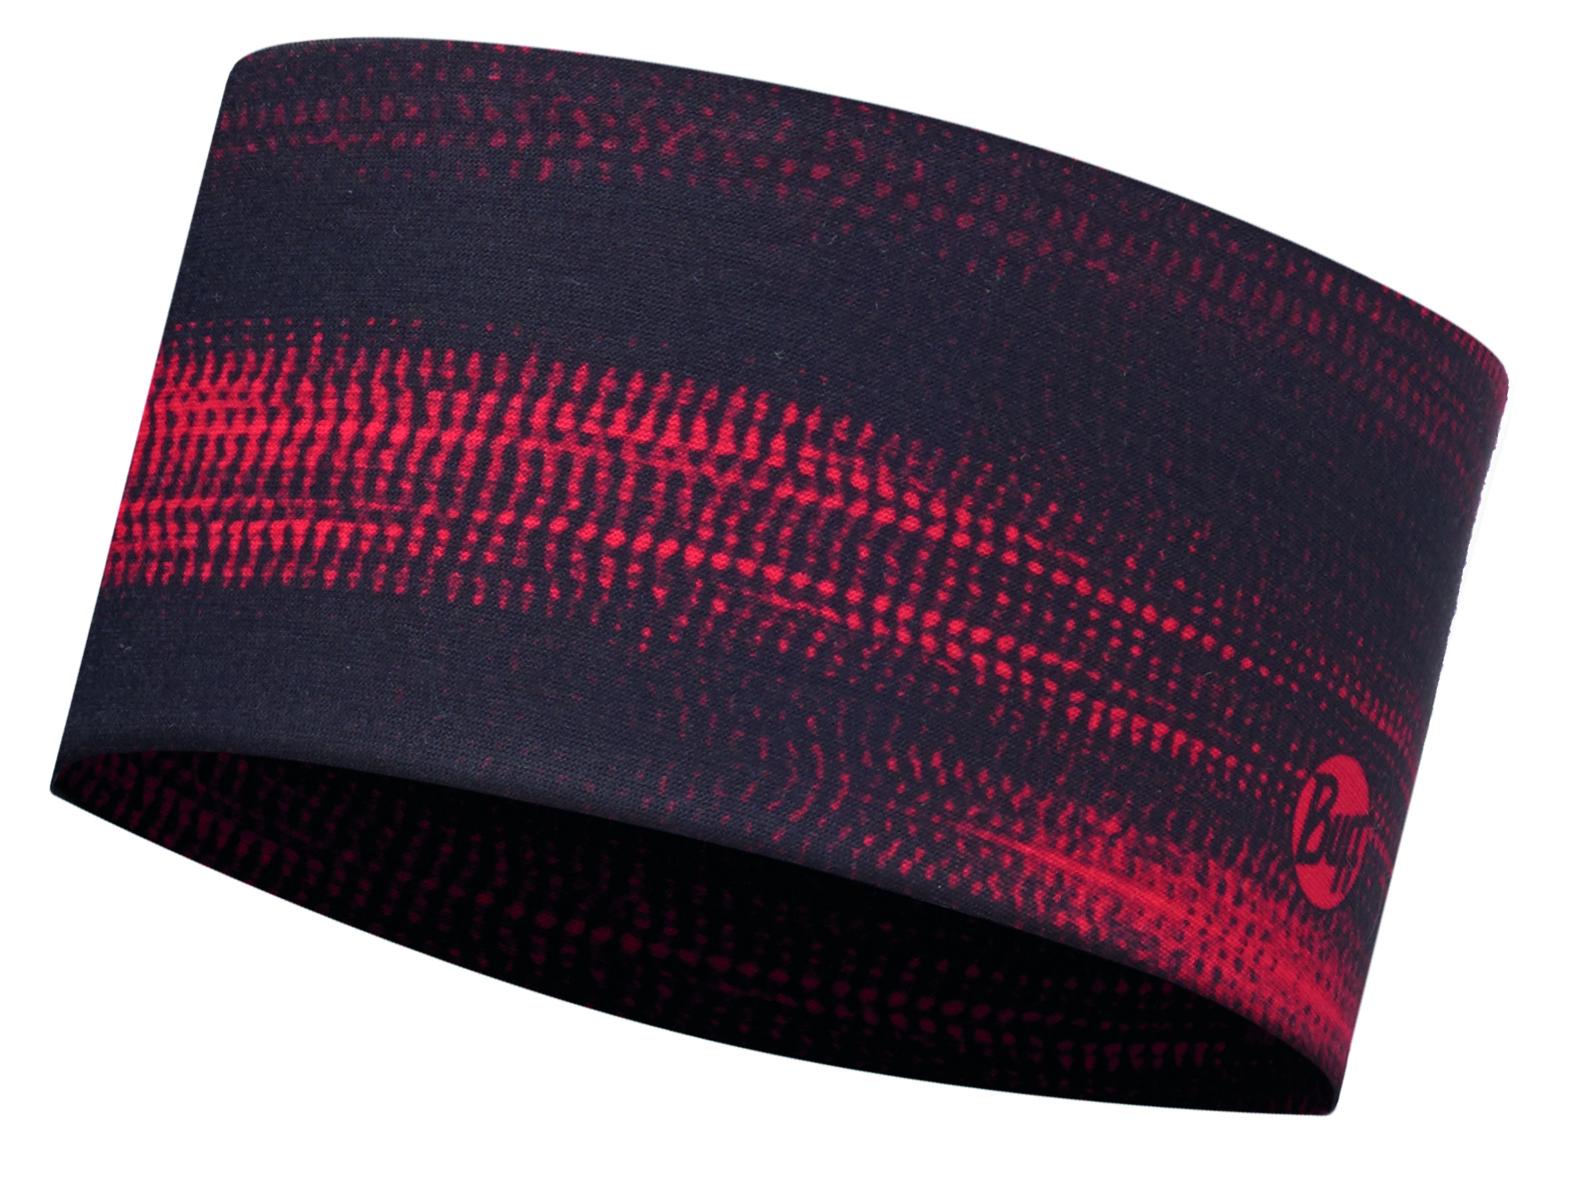 Повязка BUFF Headband STROKE RED Банданы и шарфы Buff ® 1312841  - купить со скидкой